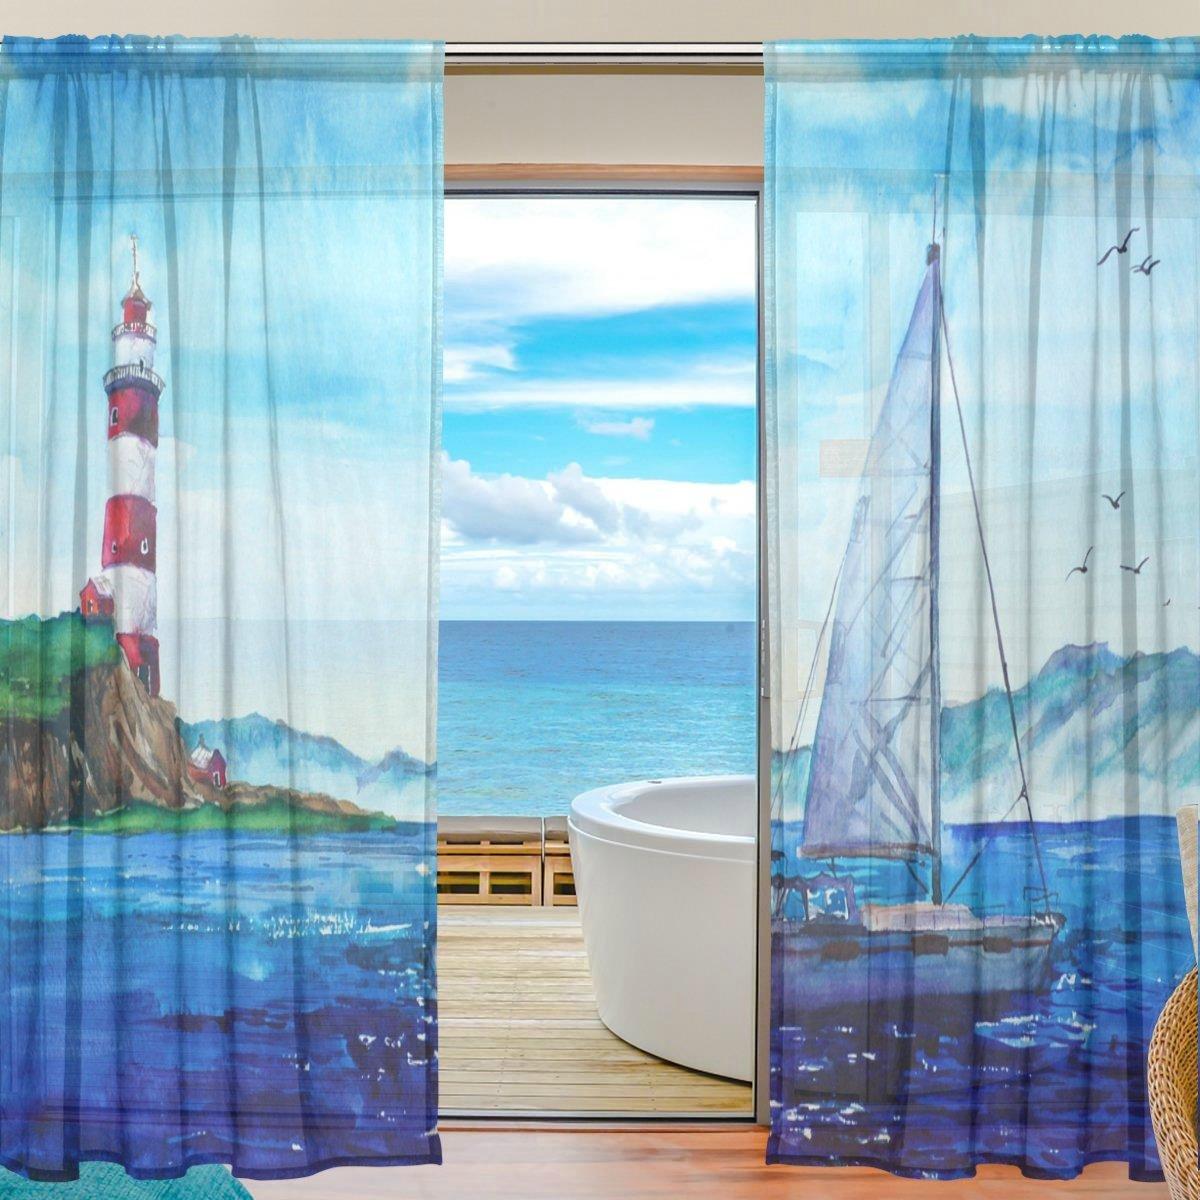 seulifeウィンドウ薄手のカーテン、海洋海灯台船ボイルカーテンドレープのドアキッチンリビングルームベッドルーム55 x 78インチ2パネル 78インチ2パネル 55